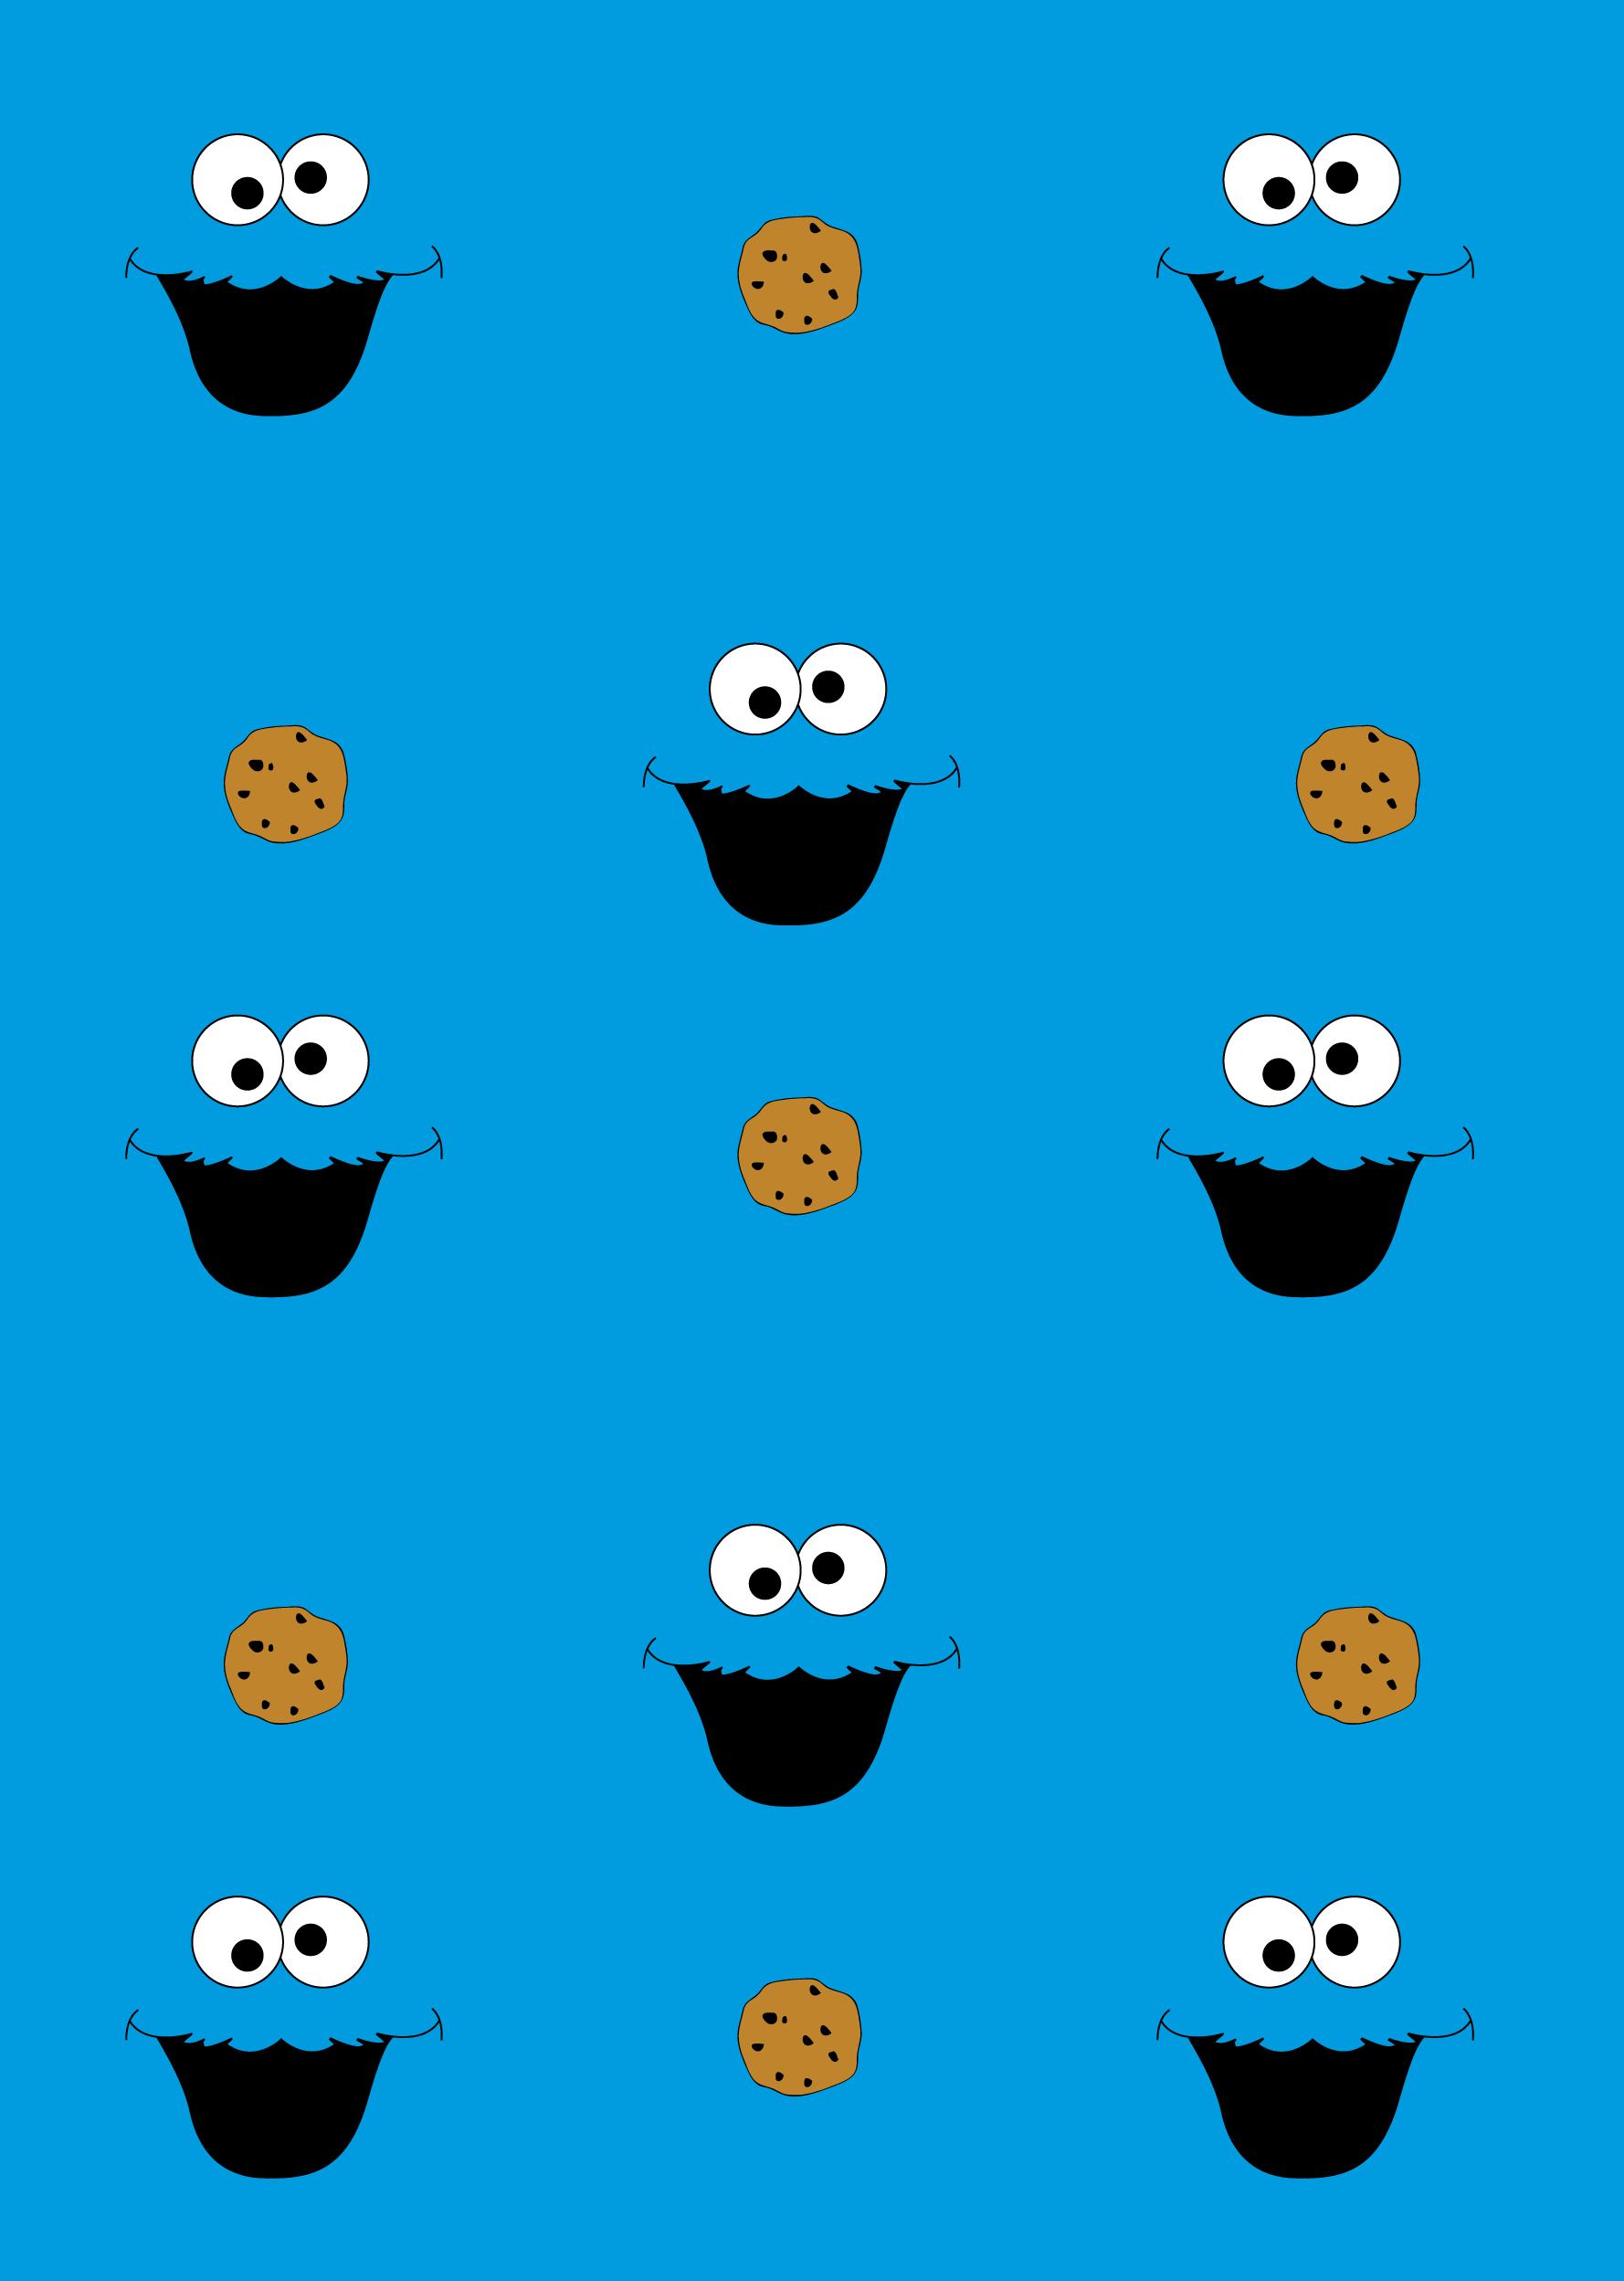 쿠키몬스터 Pattern Cookie Monster Wallpaper Cute Cartoon Wallpapers Elmo And Cookie Monster